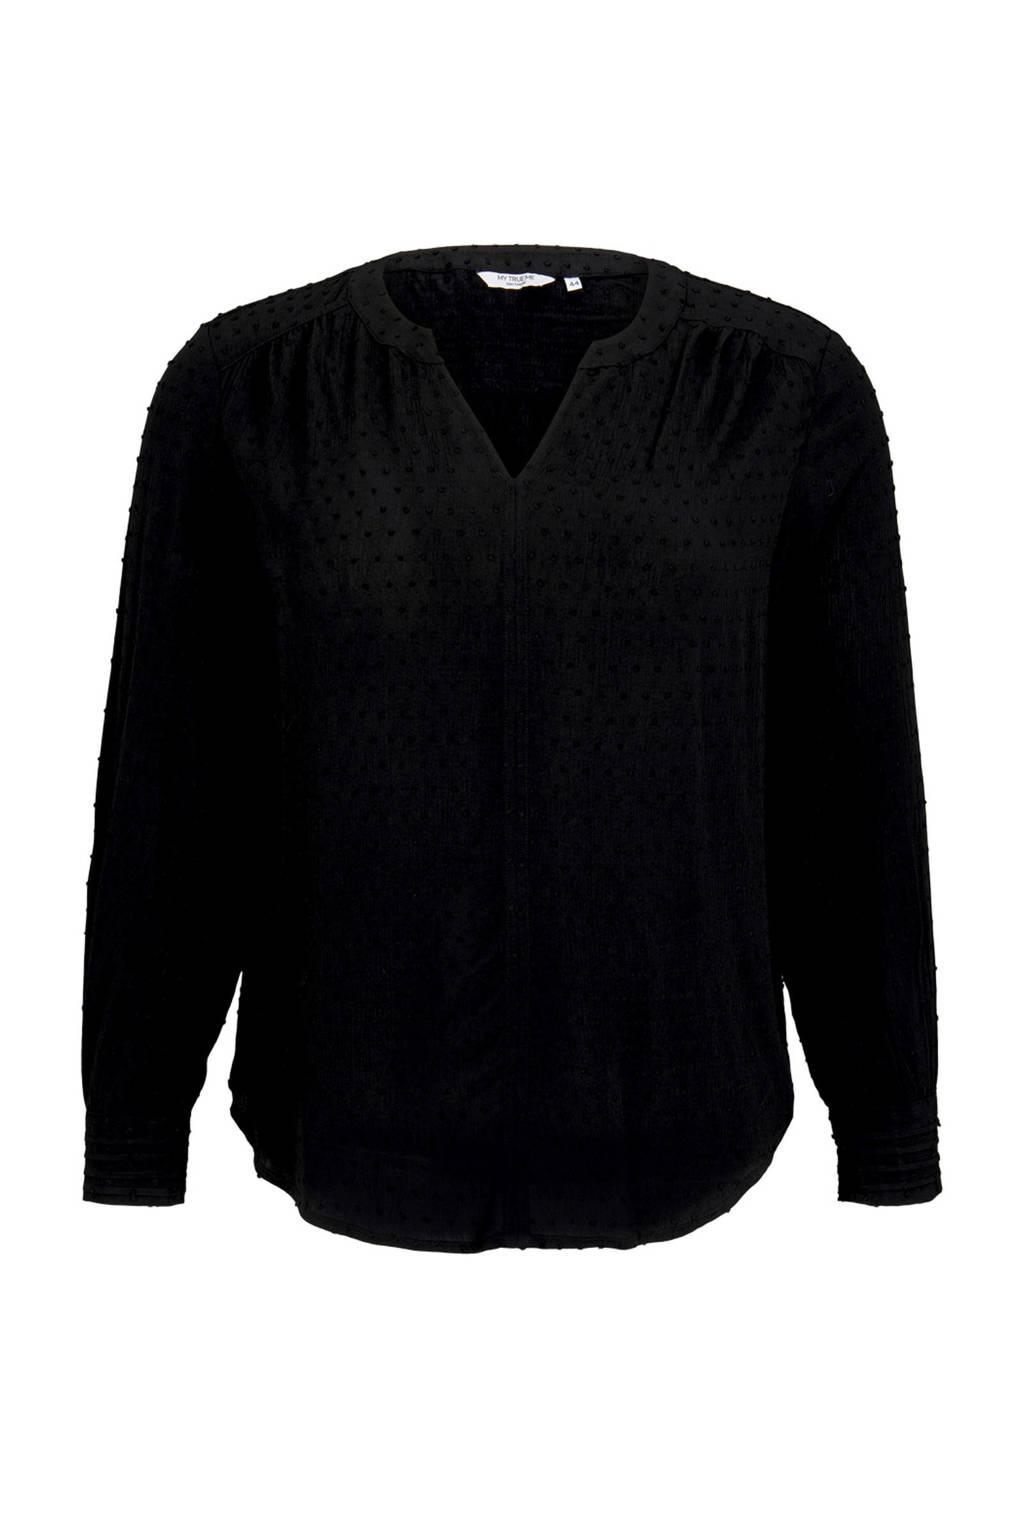 Tom Tailor My True Me semi-transparante geweven top met stippen zwart, Zwart